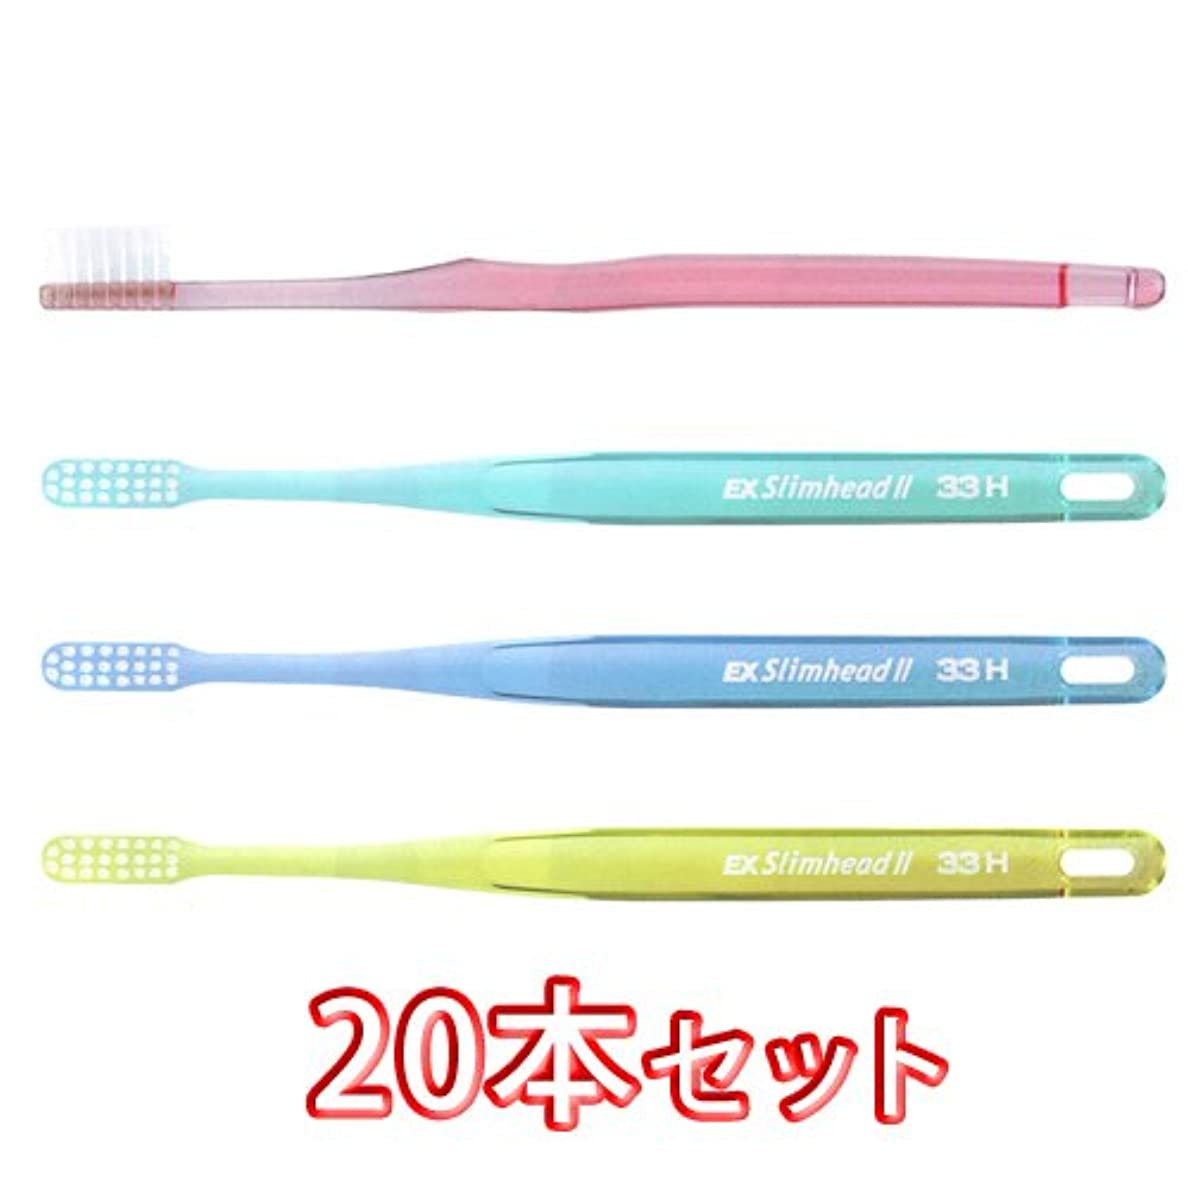 困惑した大事にする不良品ライオン スリムヘッド2 歯ブラシ DENT . EX Slimhead2 20本入 (33H)